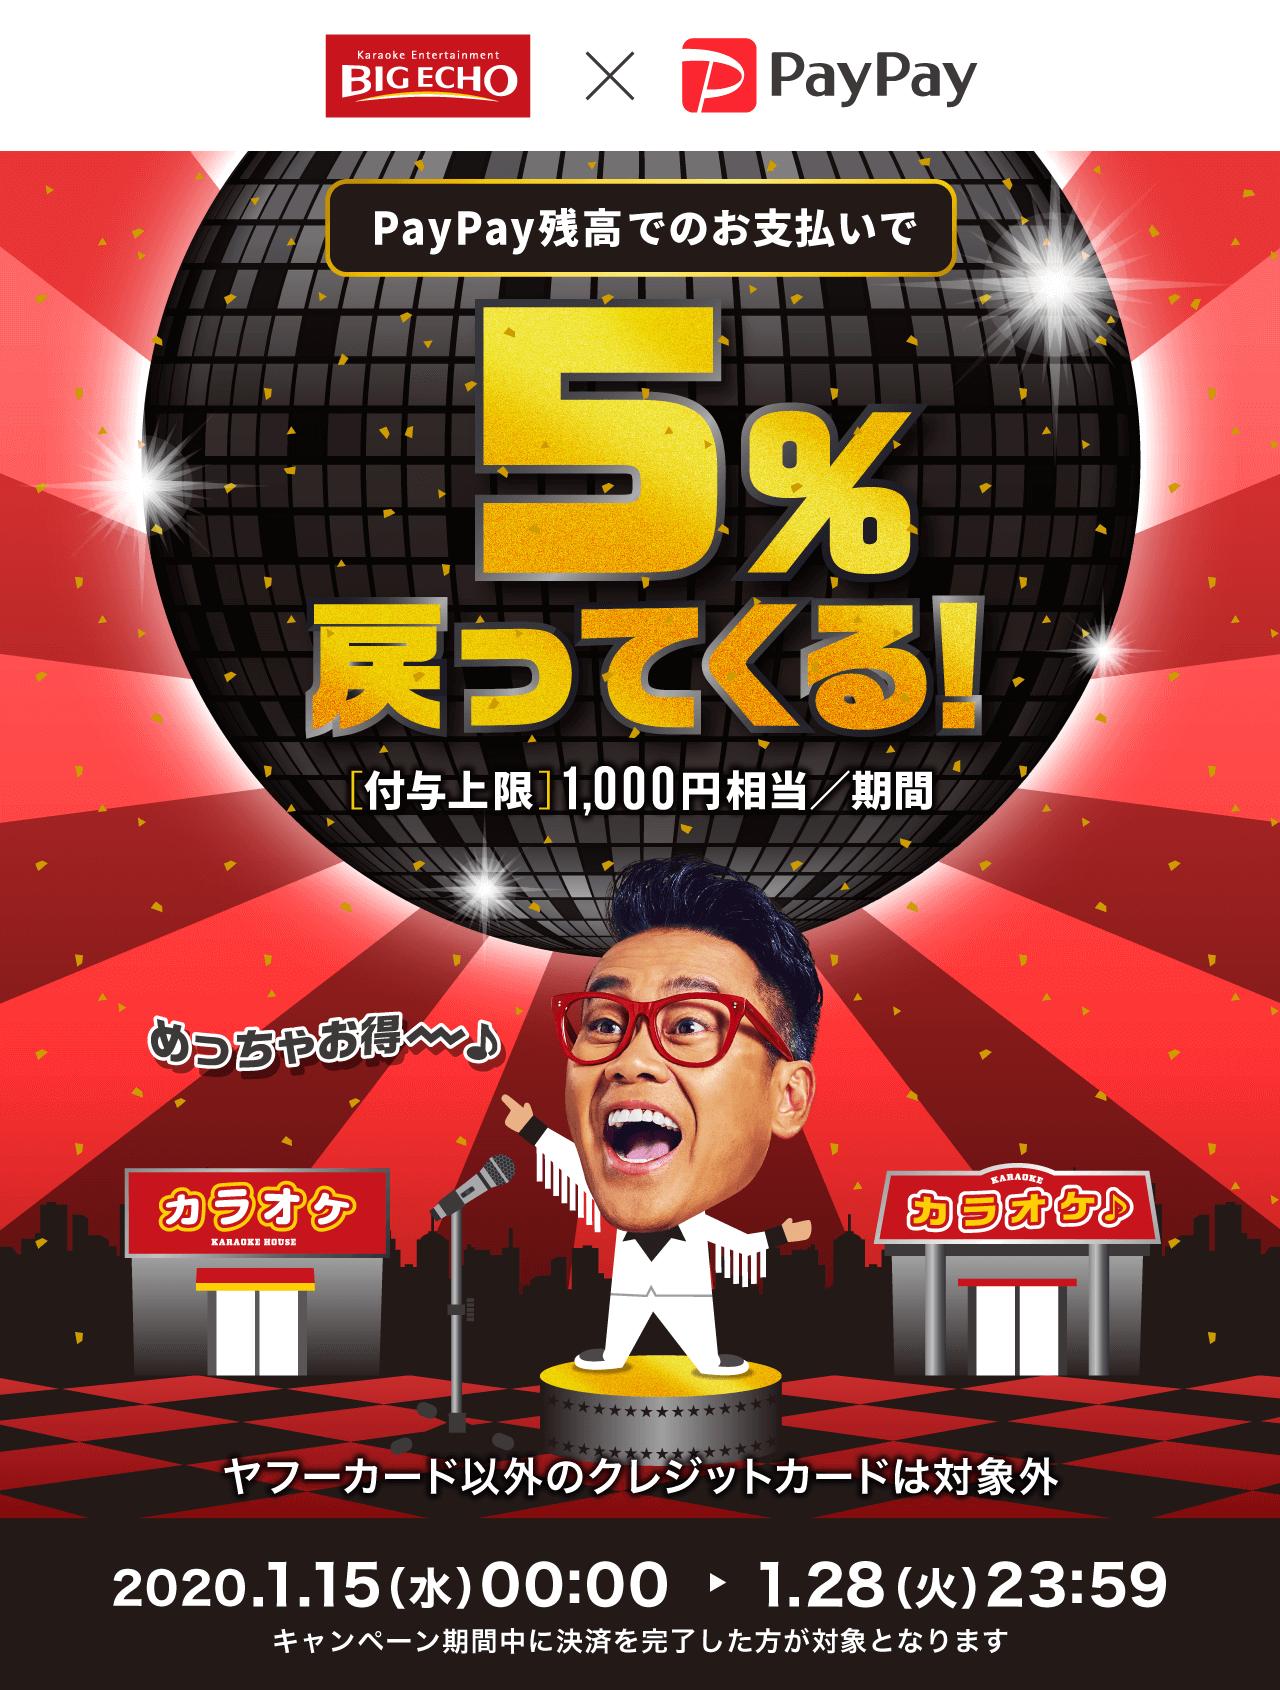 PayPay残高でのお支払いで5%戻ってくる!